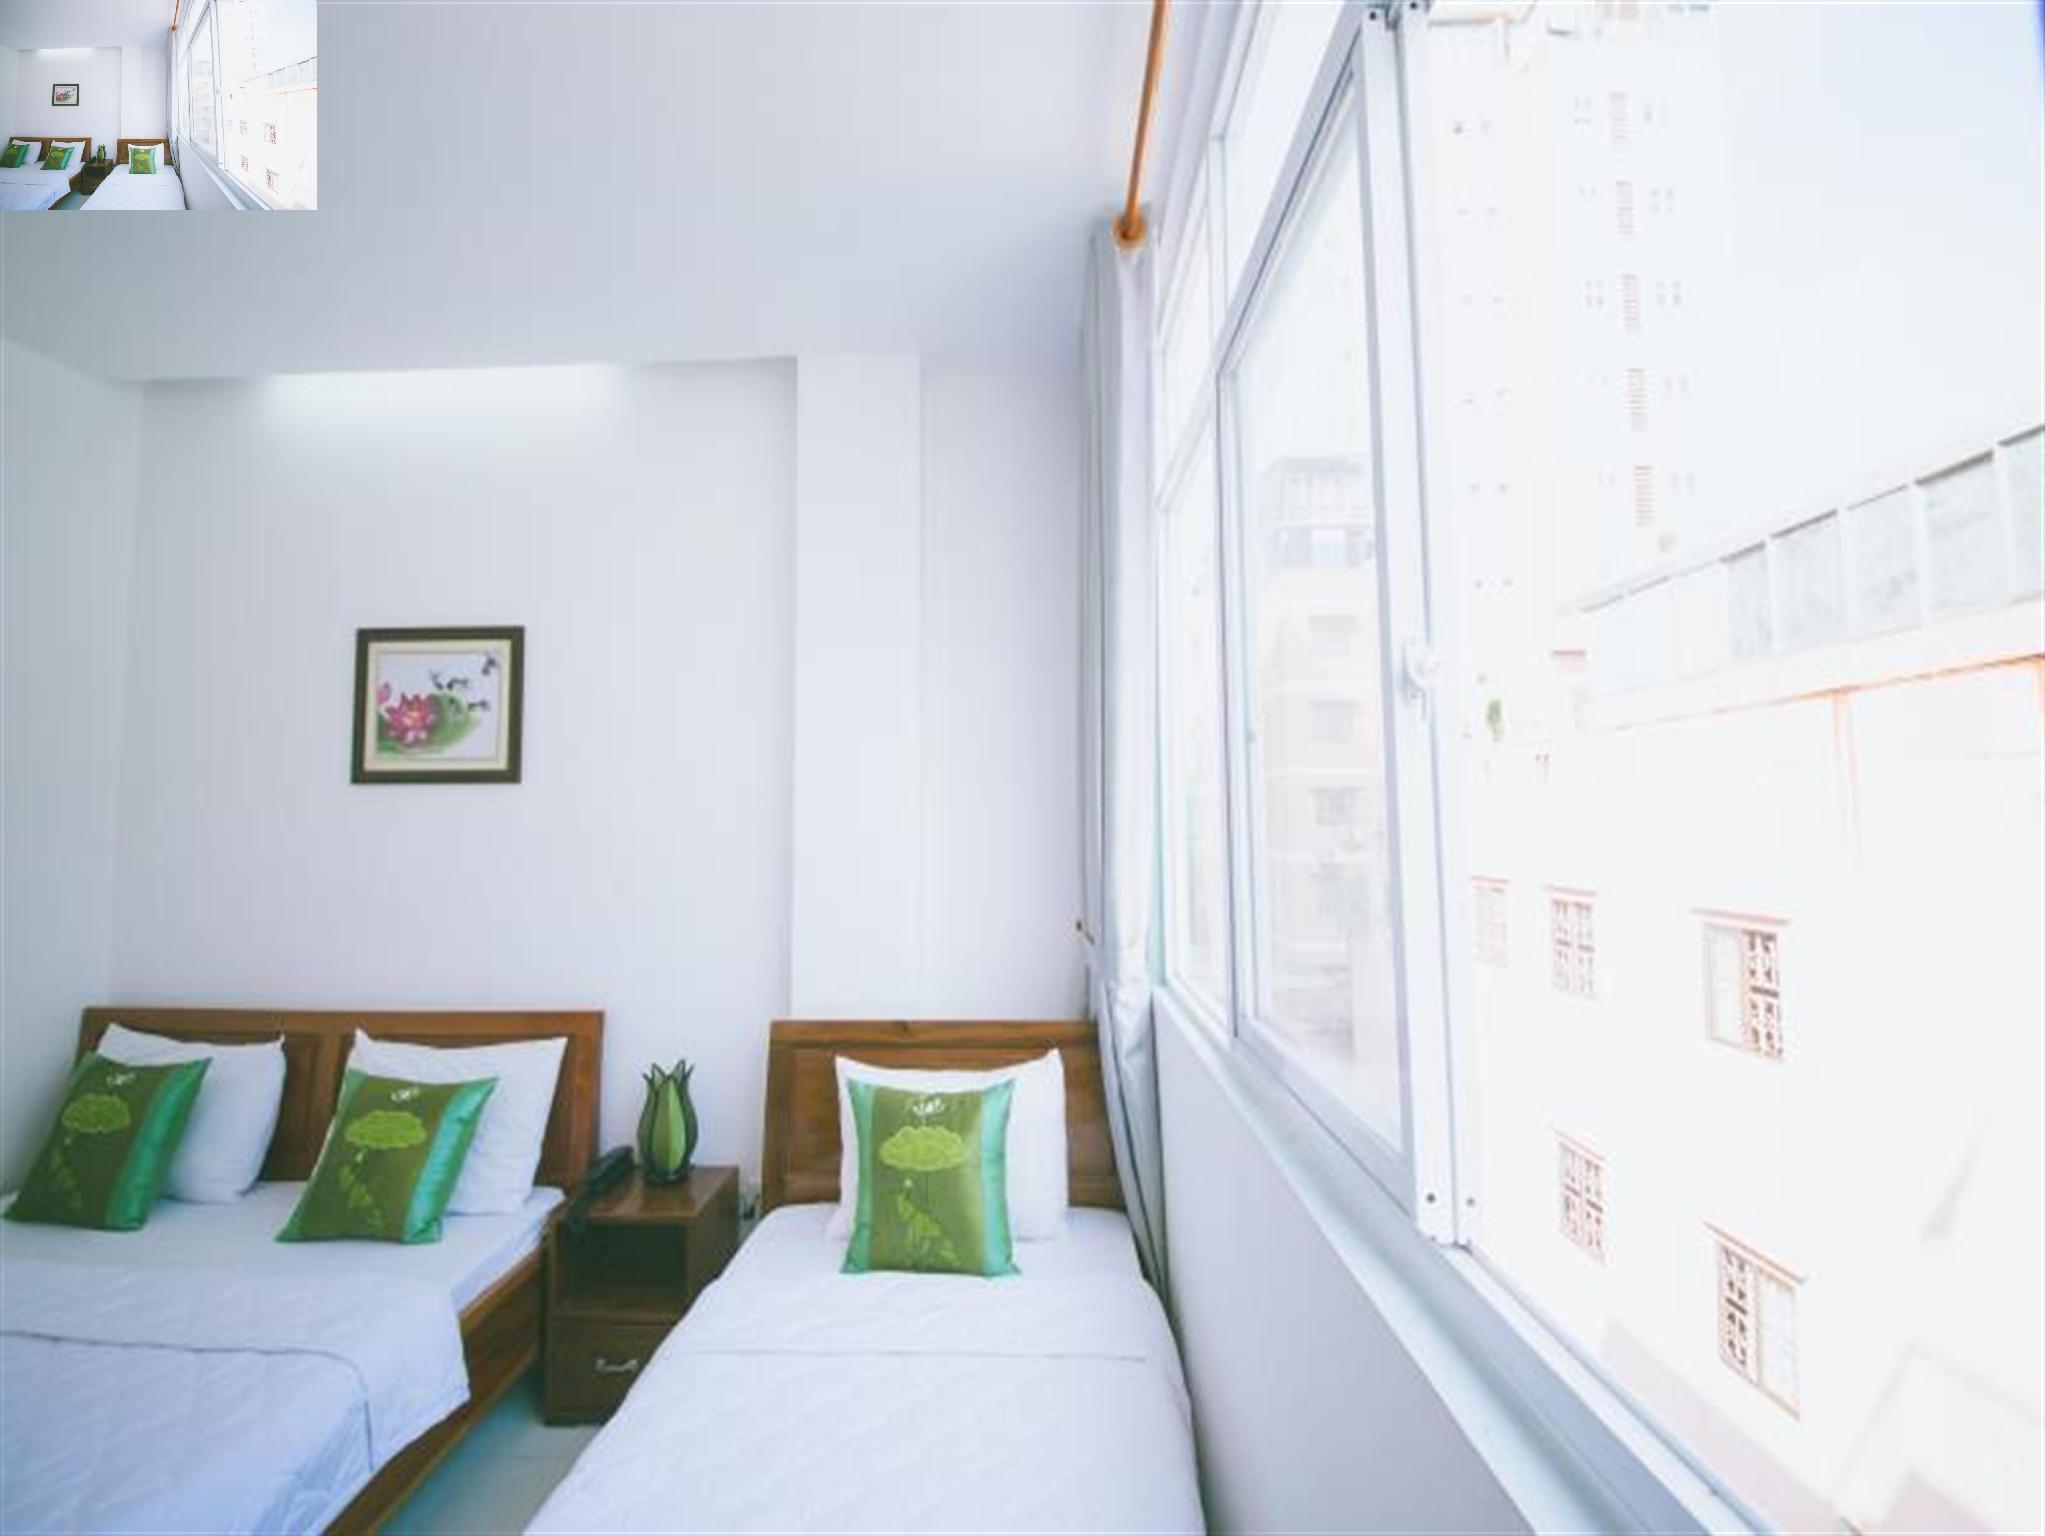 CK サイゴン セントラル ホテル18